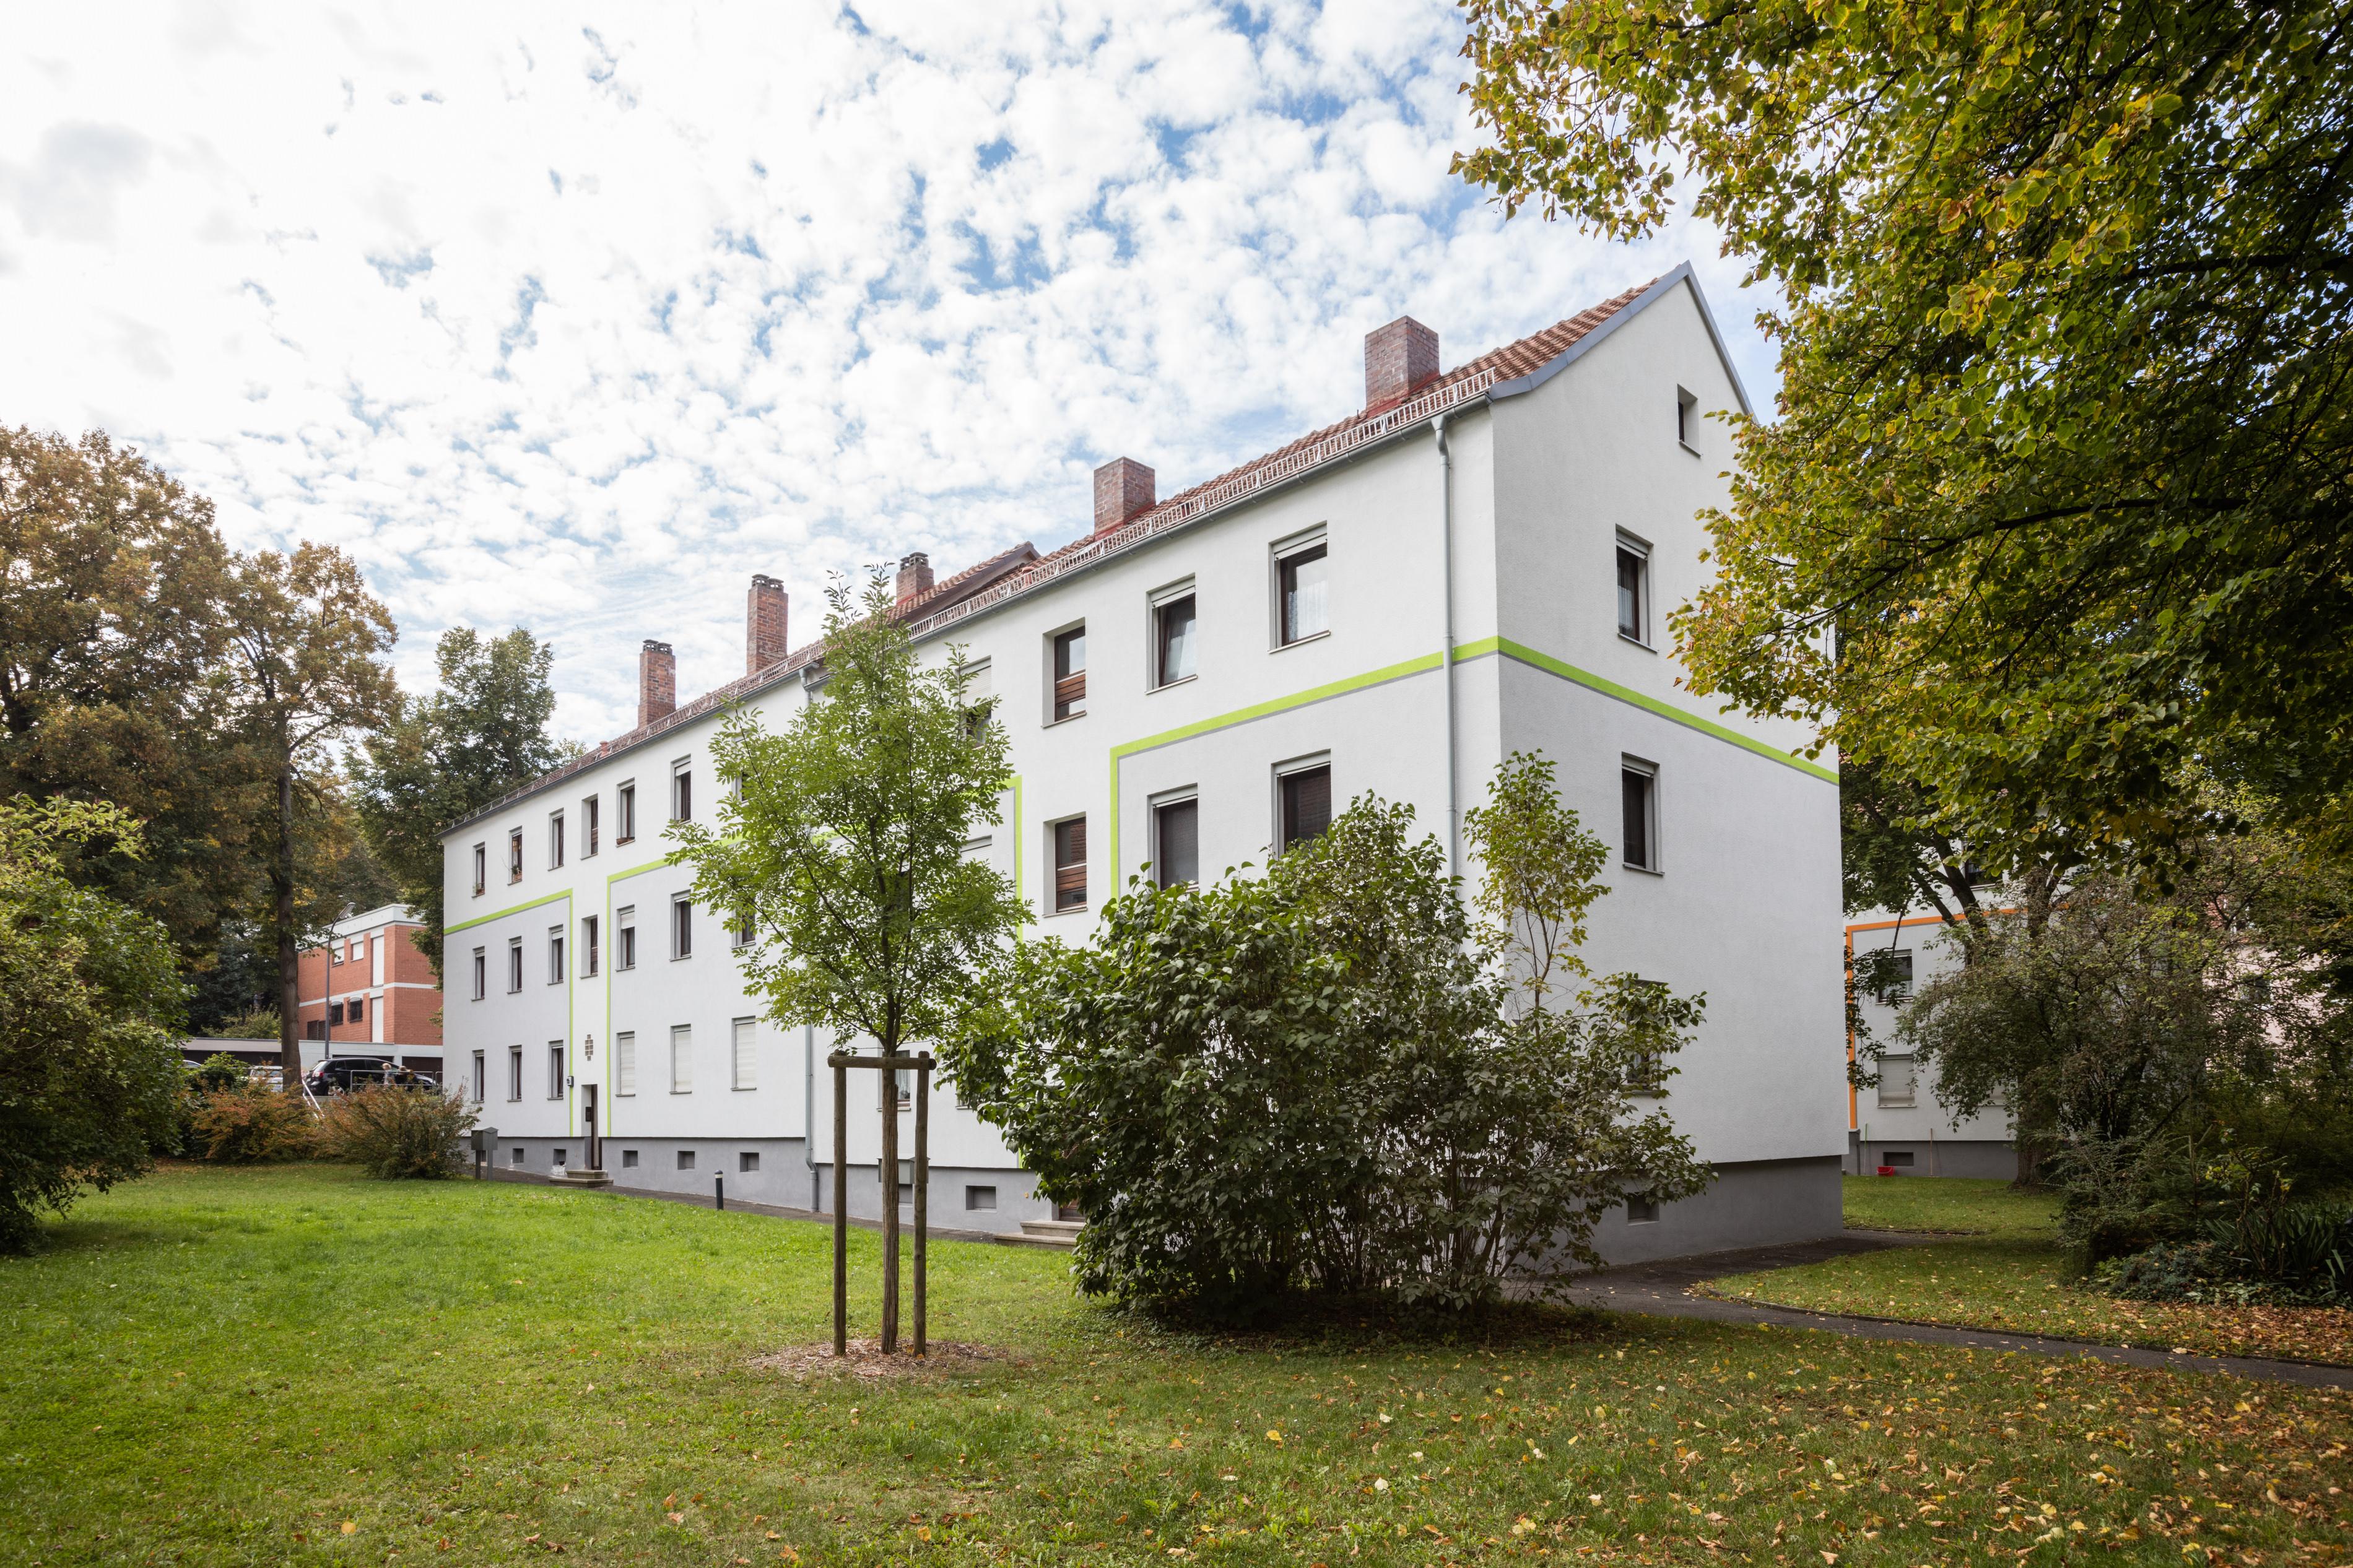 bew_würzburg-15